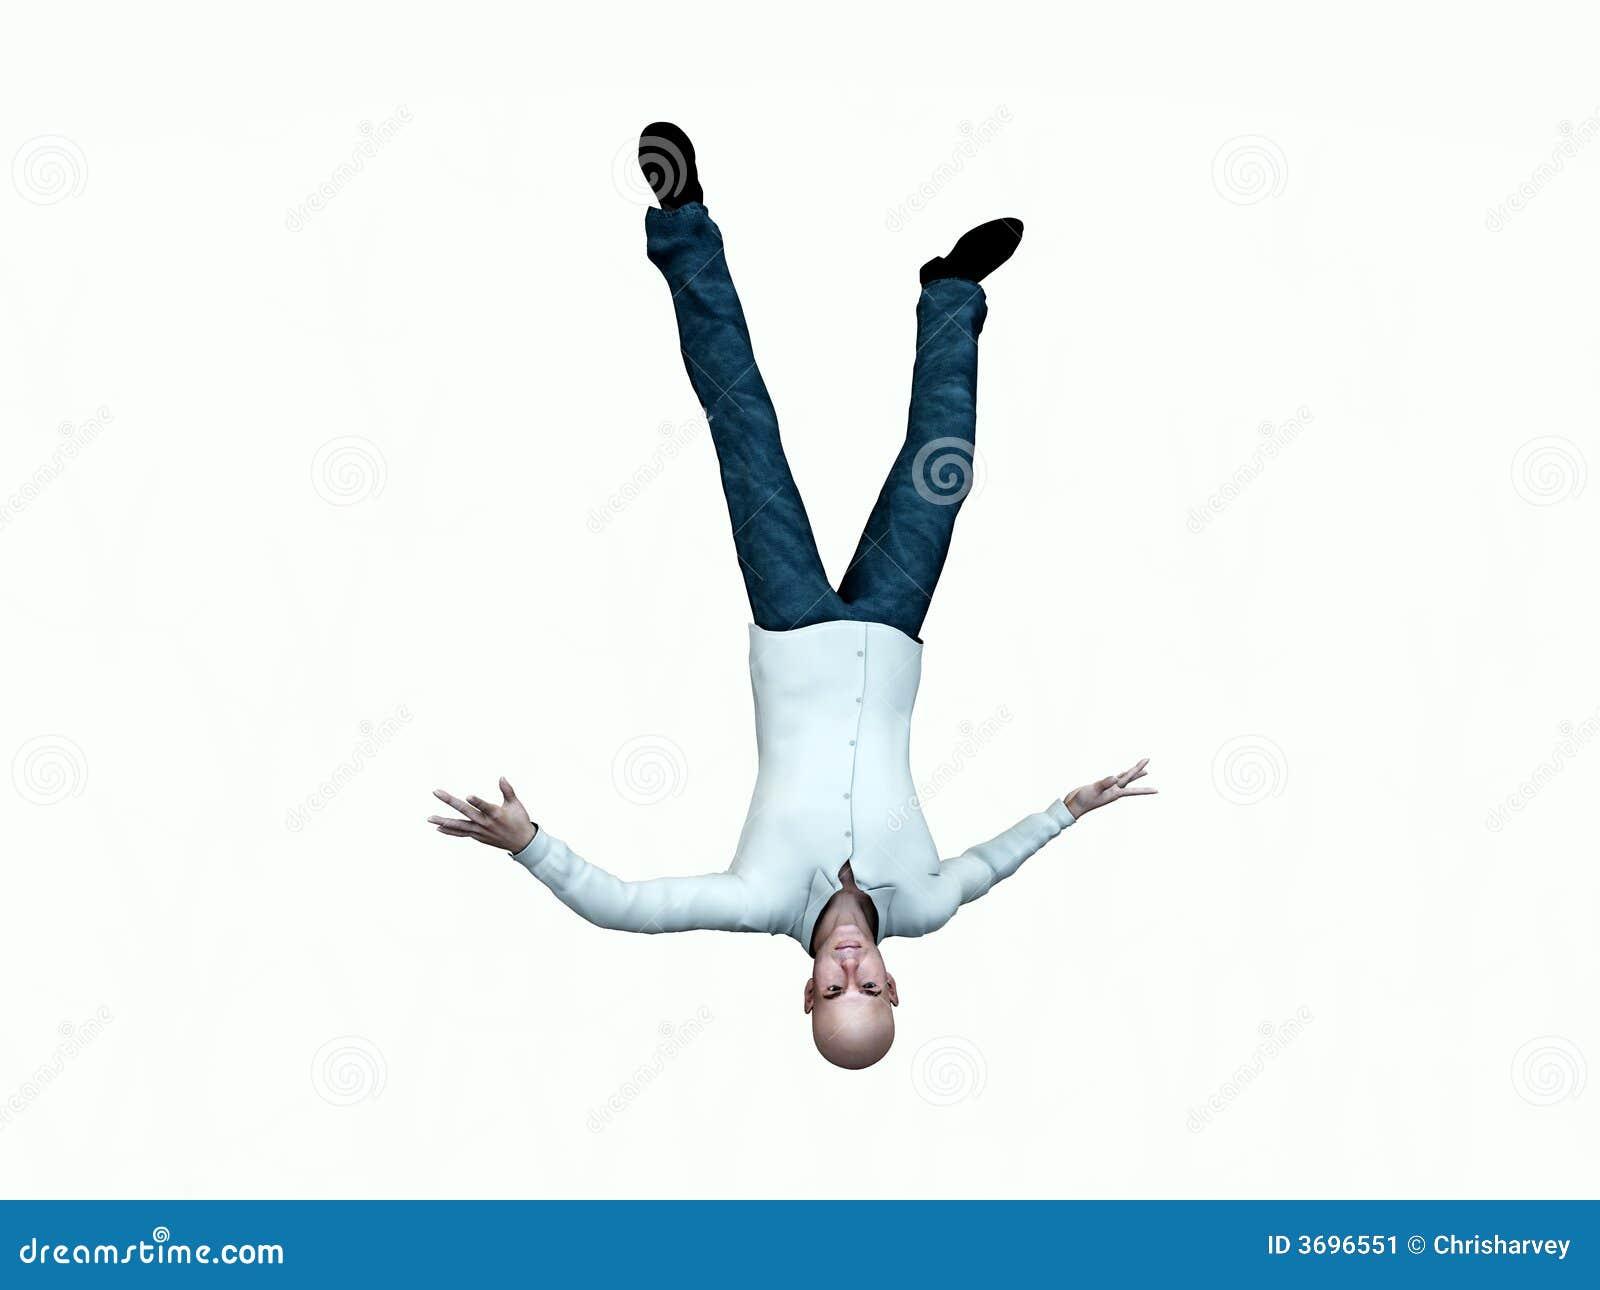 Falling Man 12 stock image. Image of male, pose, falling ...